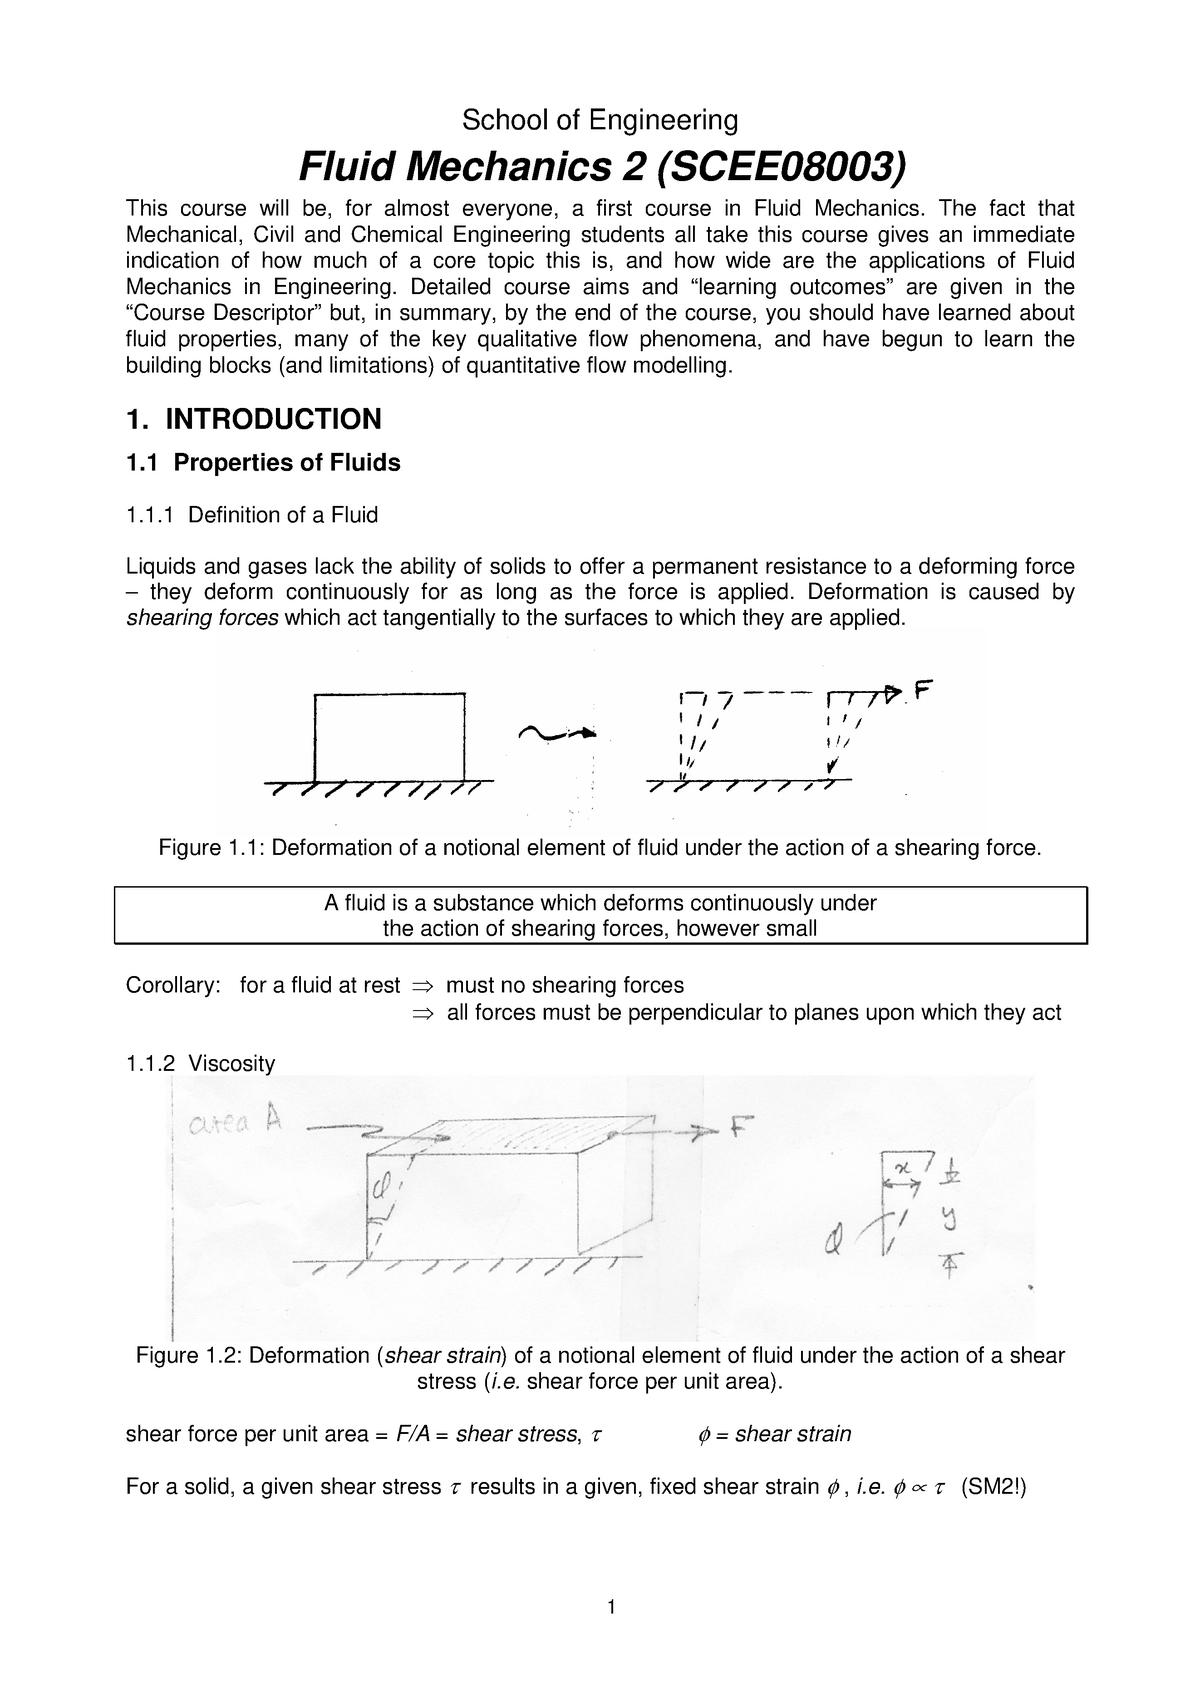 Fluid Mechanics 2 Theory Notes - SCEE08003 - Ed - StuDocu